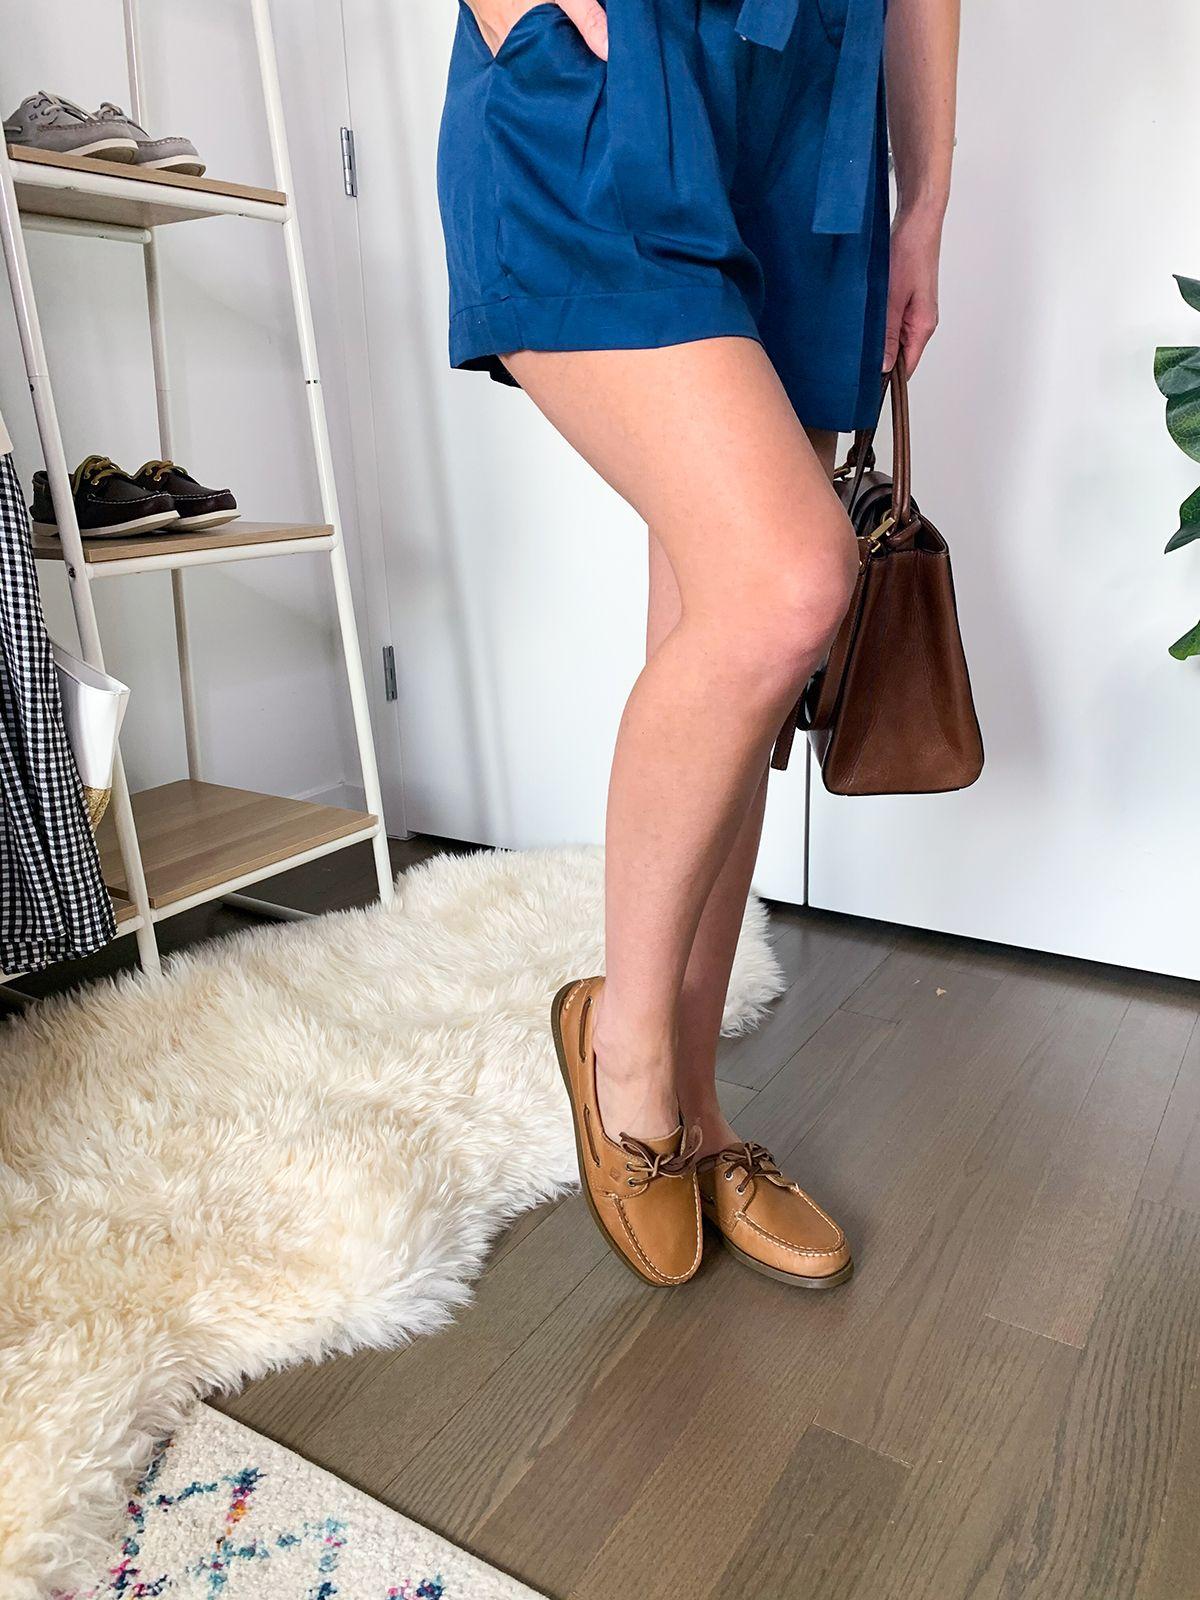 Jenis-jenis Flat Shoes yang Wajib Kamu Ketahui